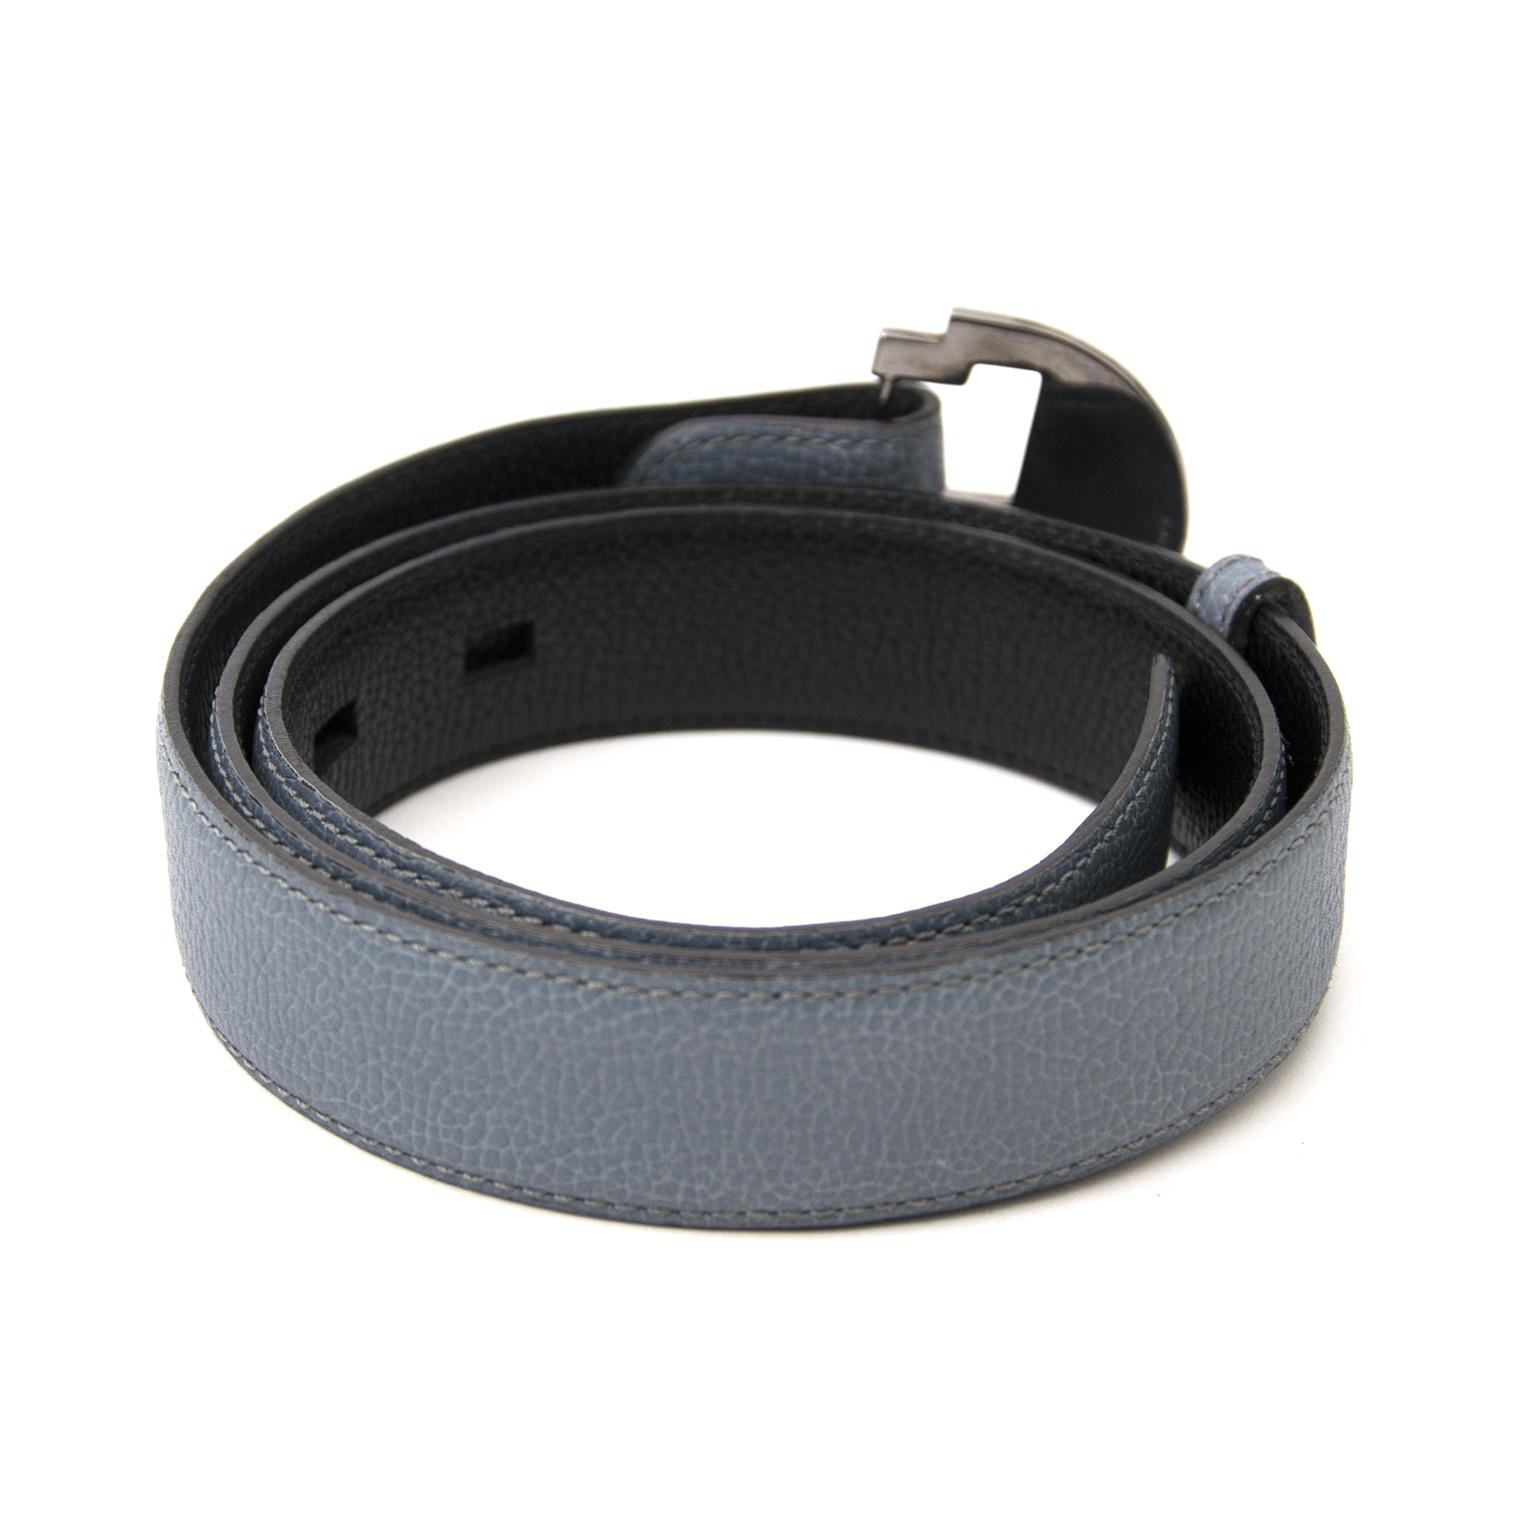 Acheter secur en ligne Delvaux Blue Leather 'Badine' Belt pour le meilleur prix